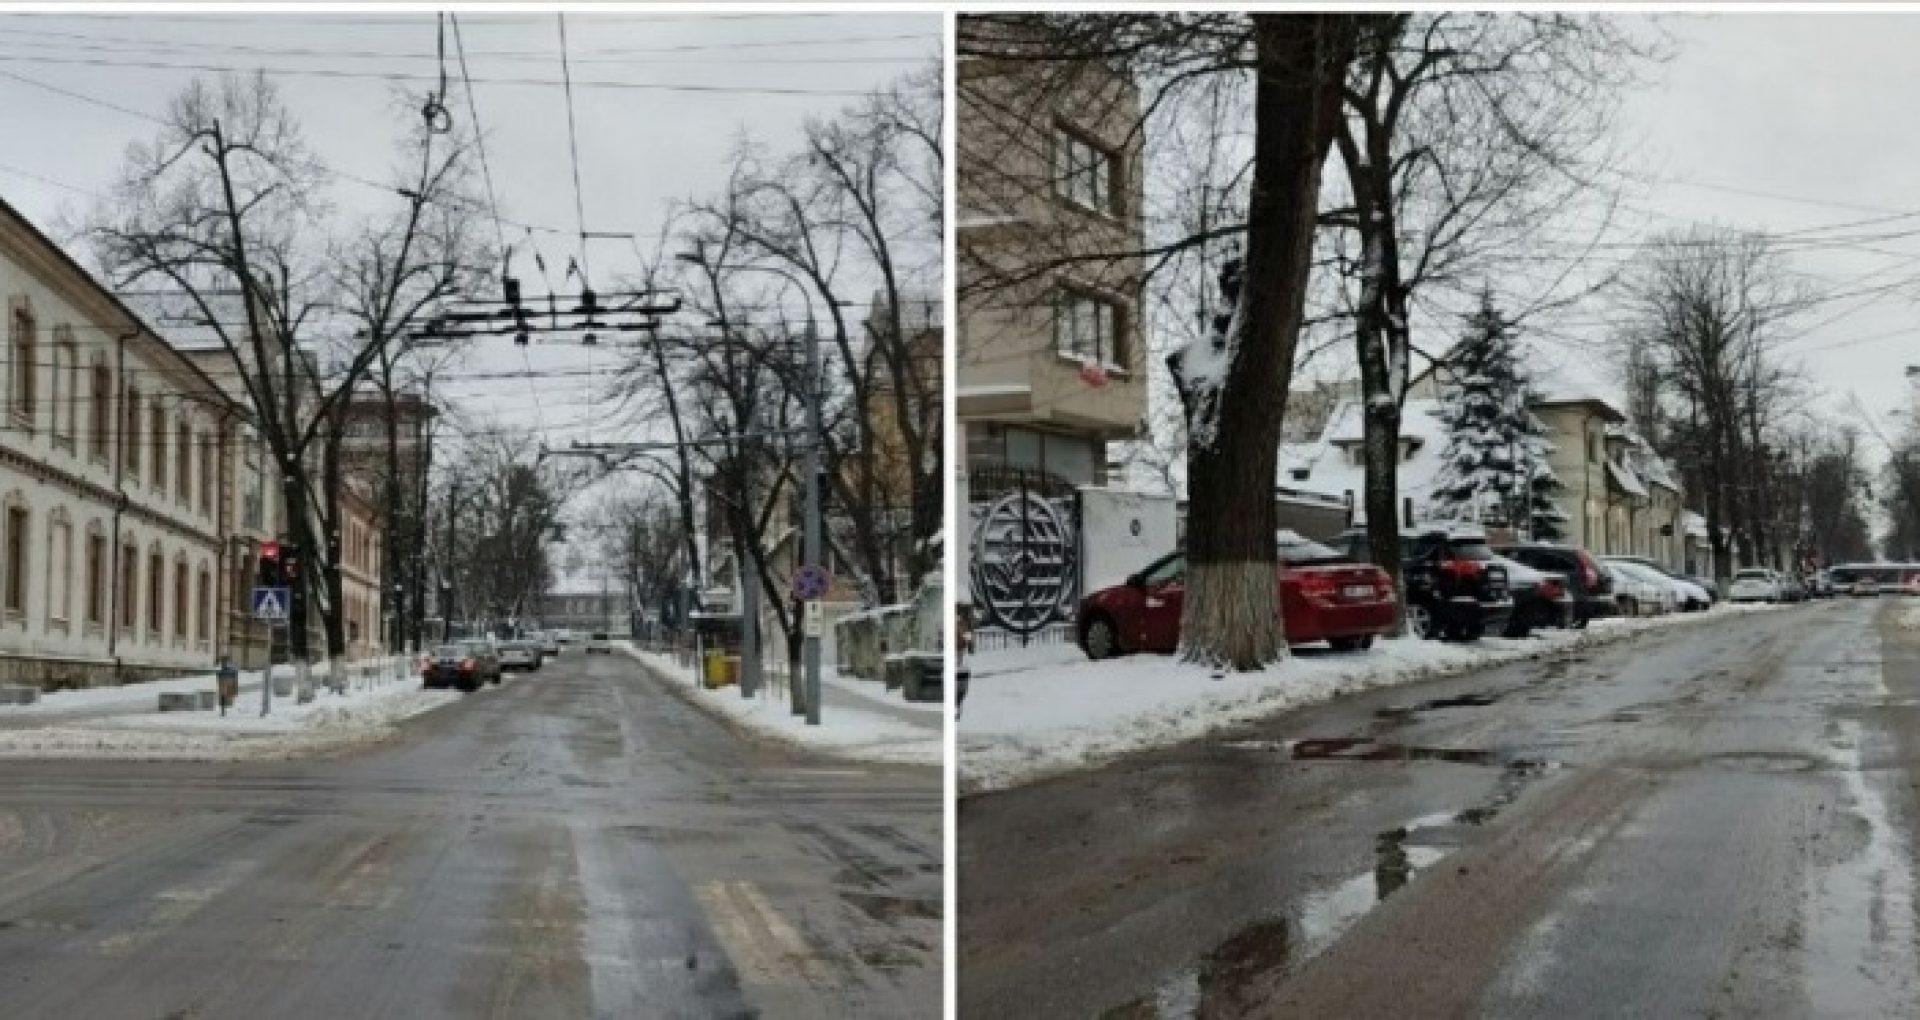 Vremea în weekend: minime de -10°C și ninsori slabe în nord, temperaturi pozitive ziua la Chișinău și în sudul țării